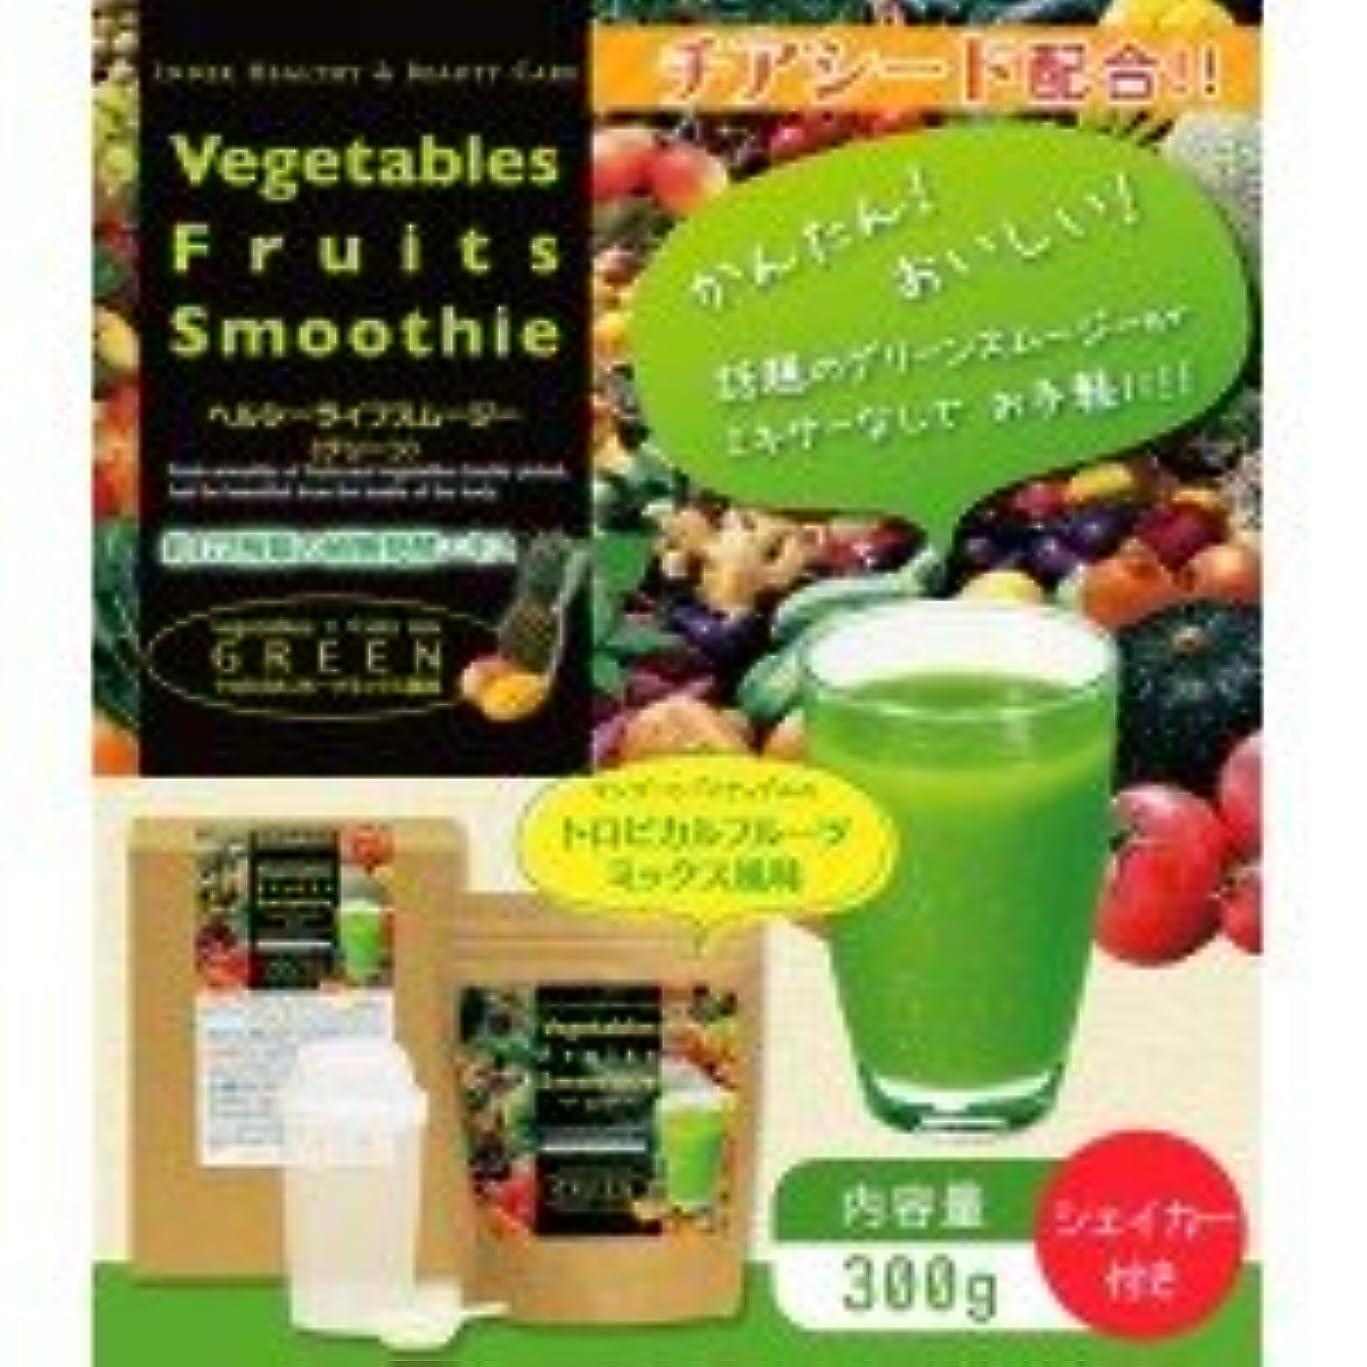 恐怖真珠のような感謝祭Vegetables Fruits Smoothie ヘルシーライフスムージー(グリーン)トロピカルフルーツミックス味(300g シェイカー付) 日本製